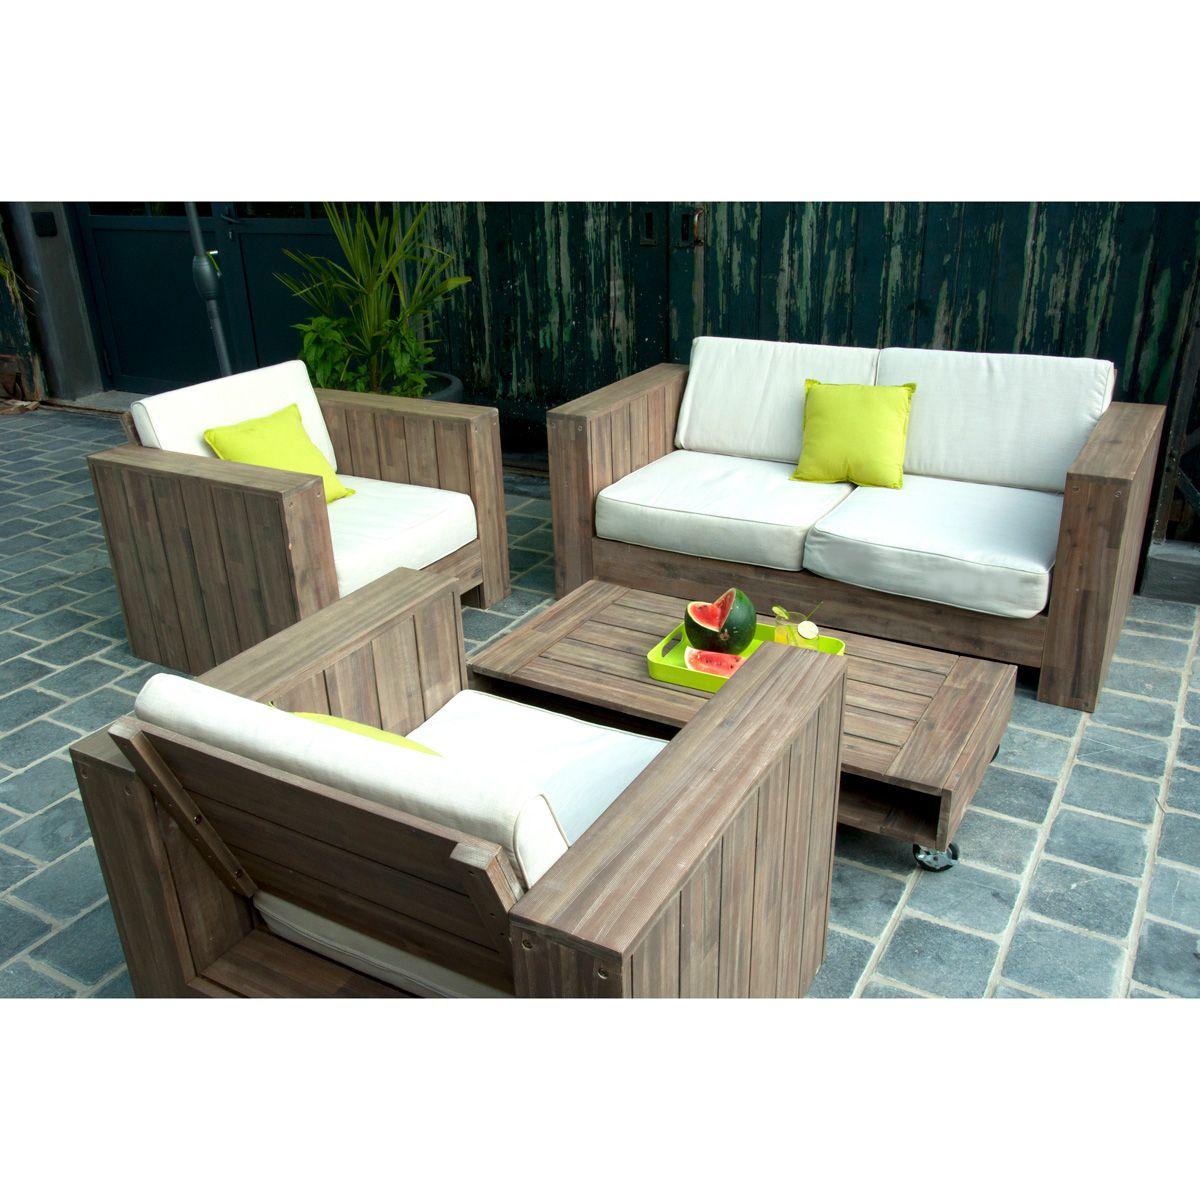 Salon De Jardin Design Discount - Heser.vtngcf.org concernant Fauteuil De Jardin Rond